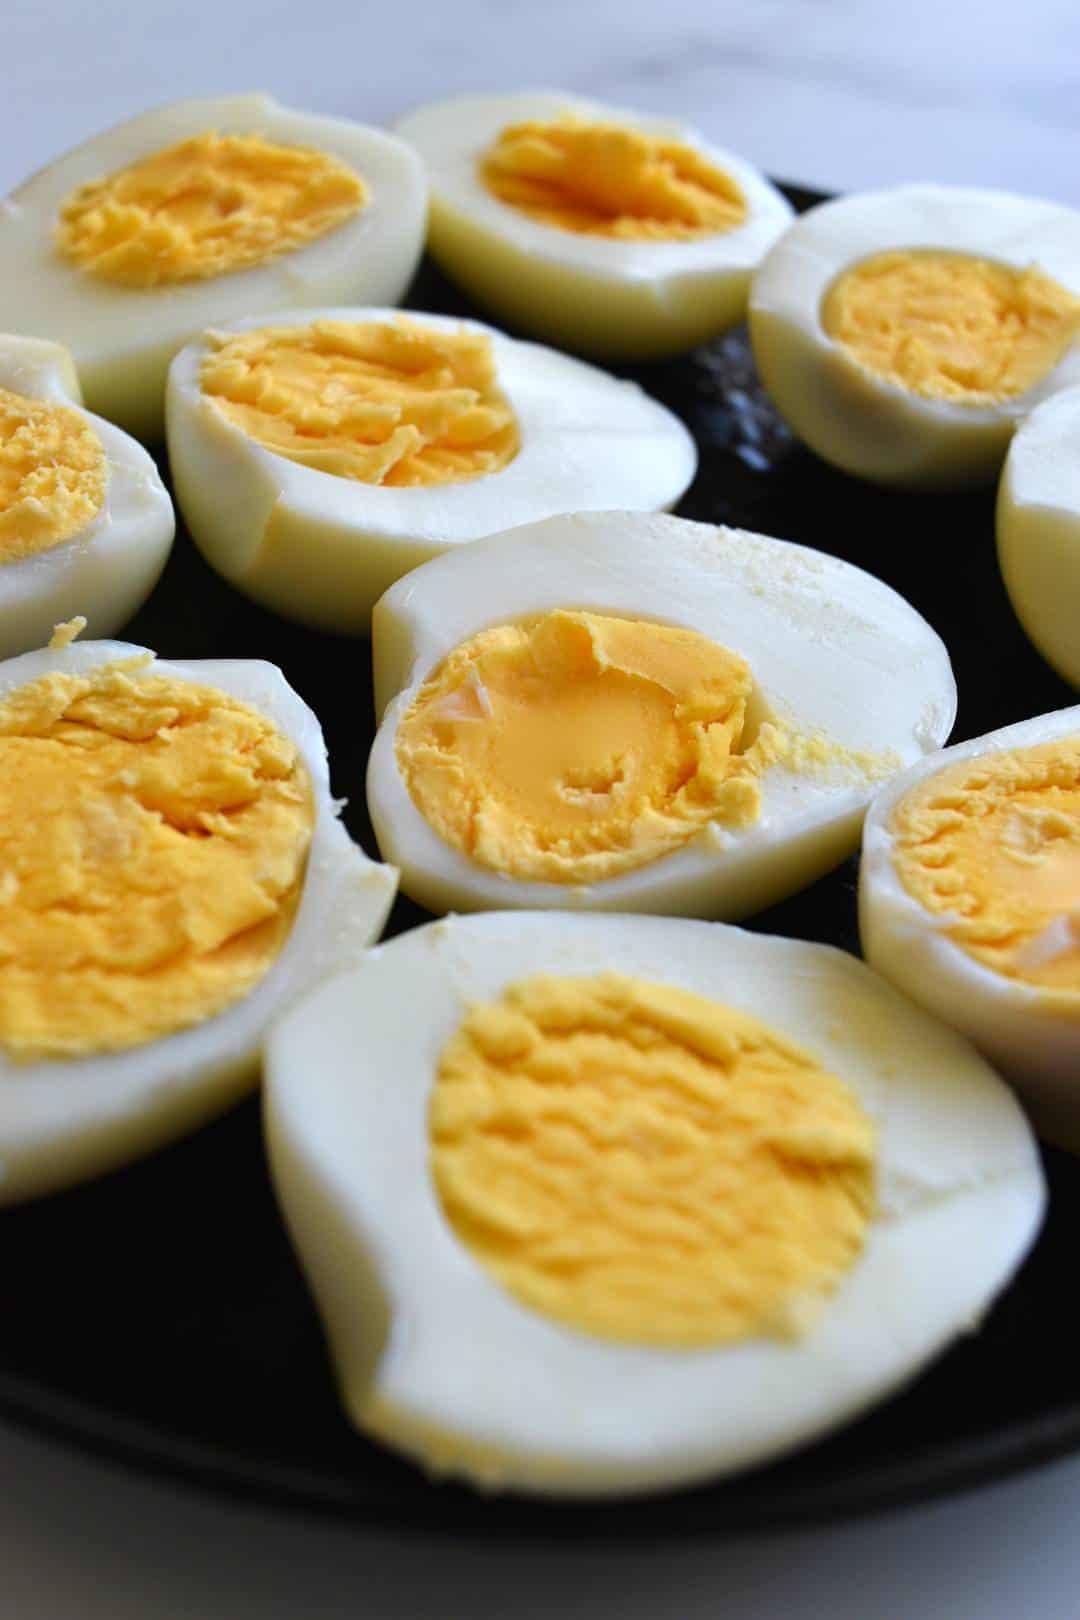 Halved hard boiled eggs.